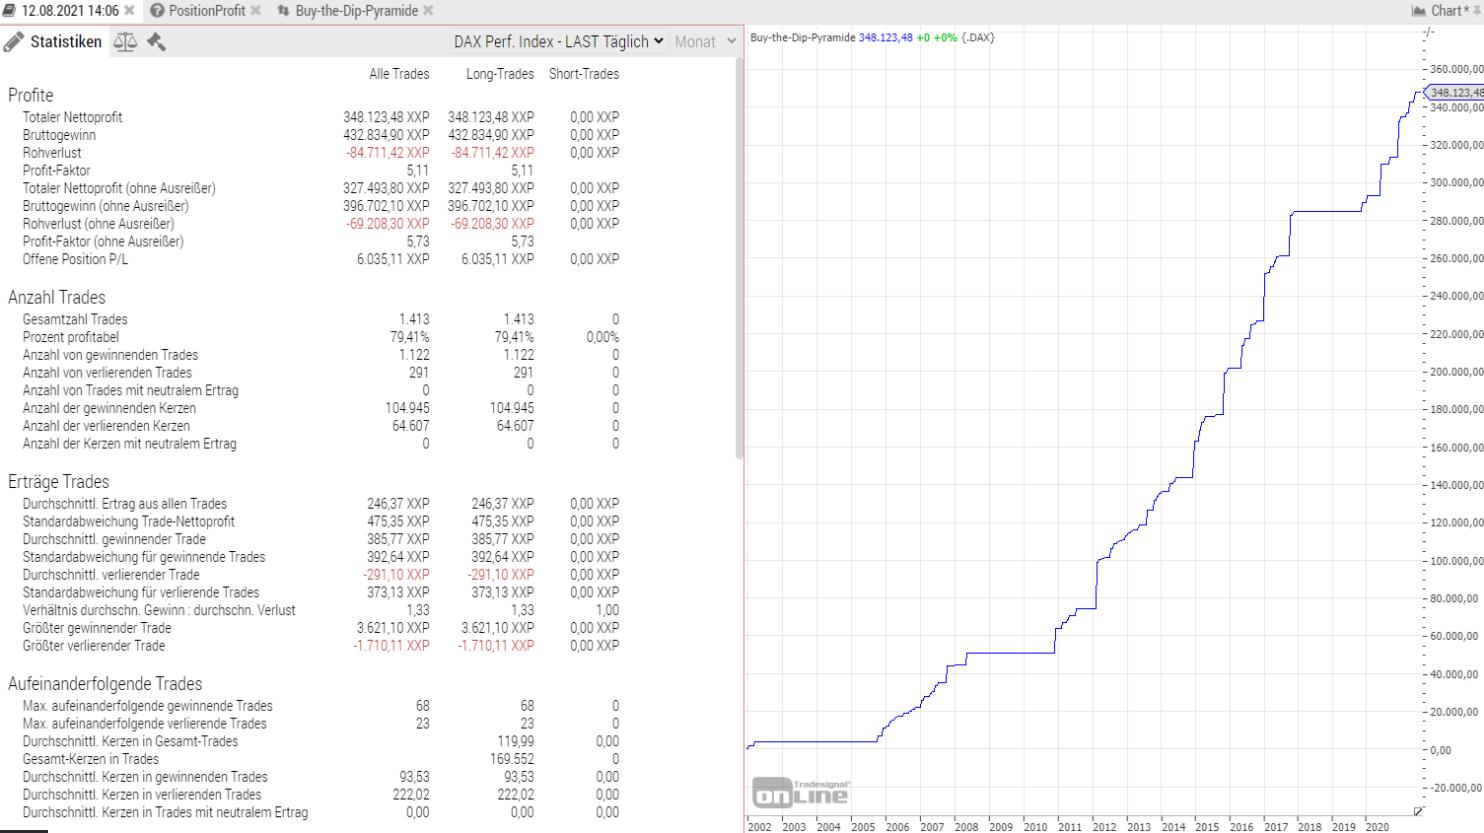 Strategie-mit-fast-500-000-DAX-Punkten-Gewinn-Wahnsinn-Rene-Berteit-GodmodeTrader.de-1